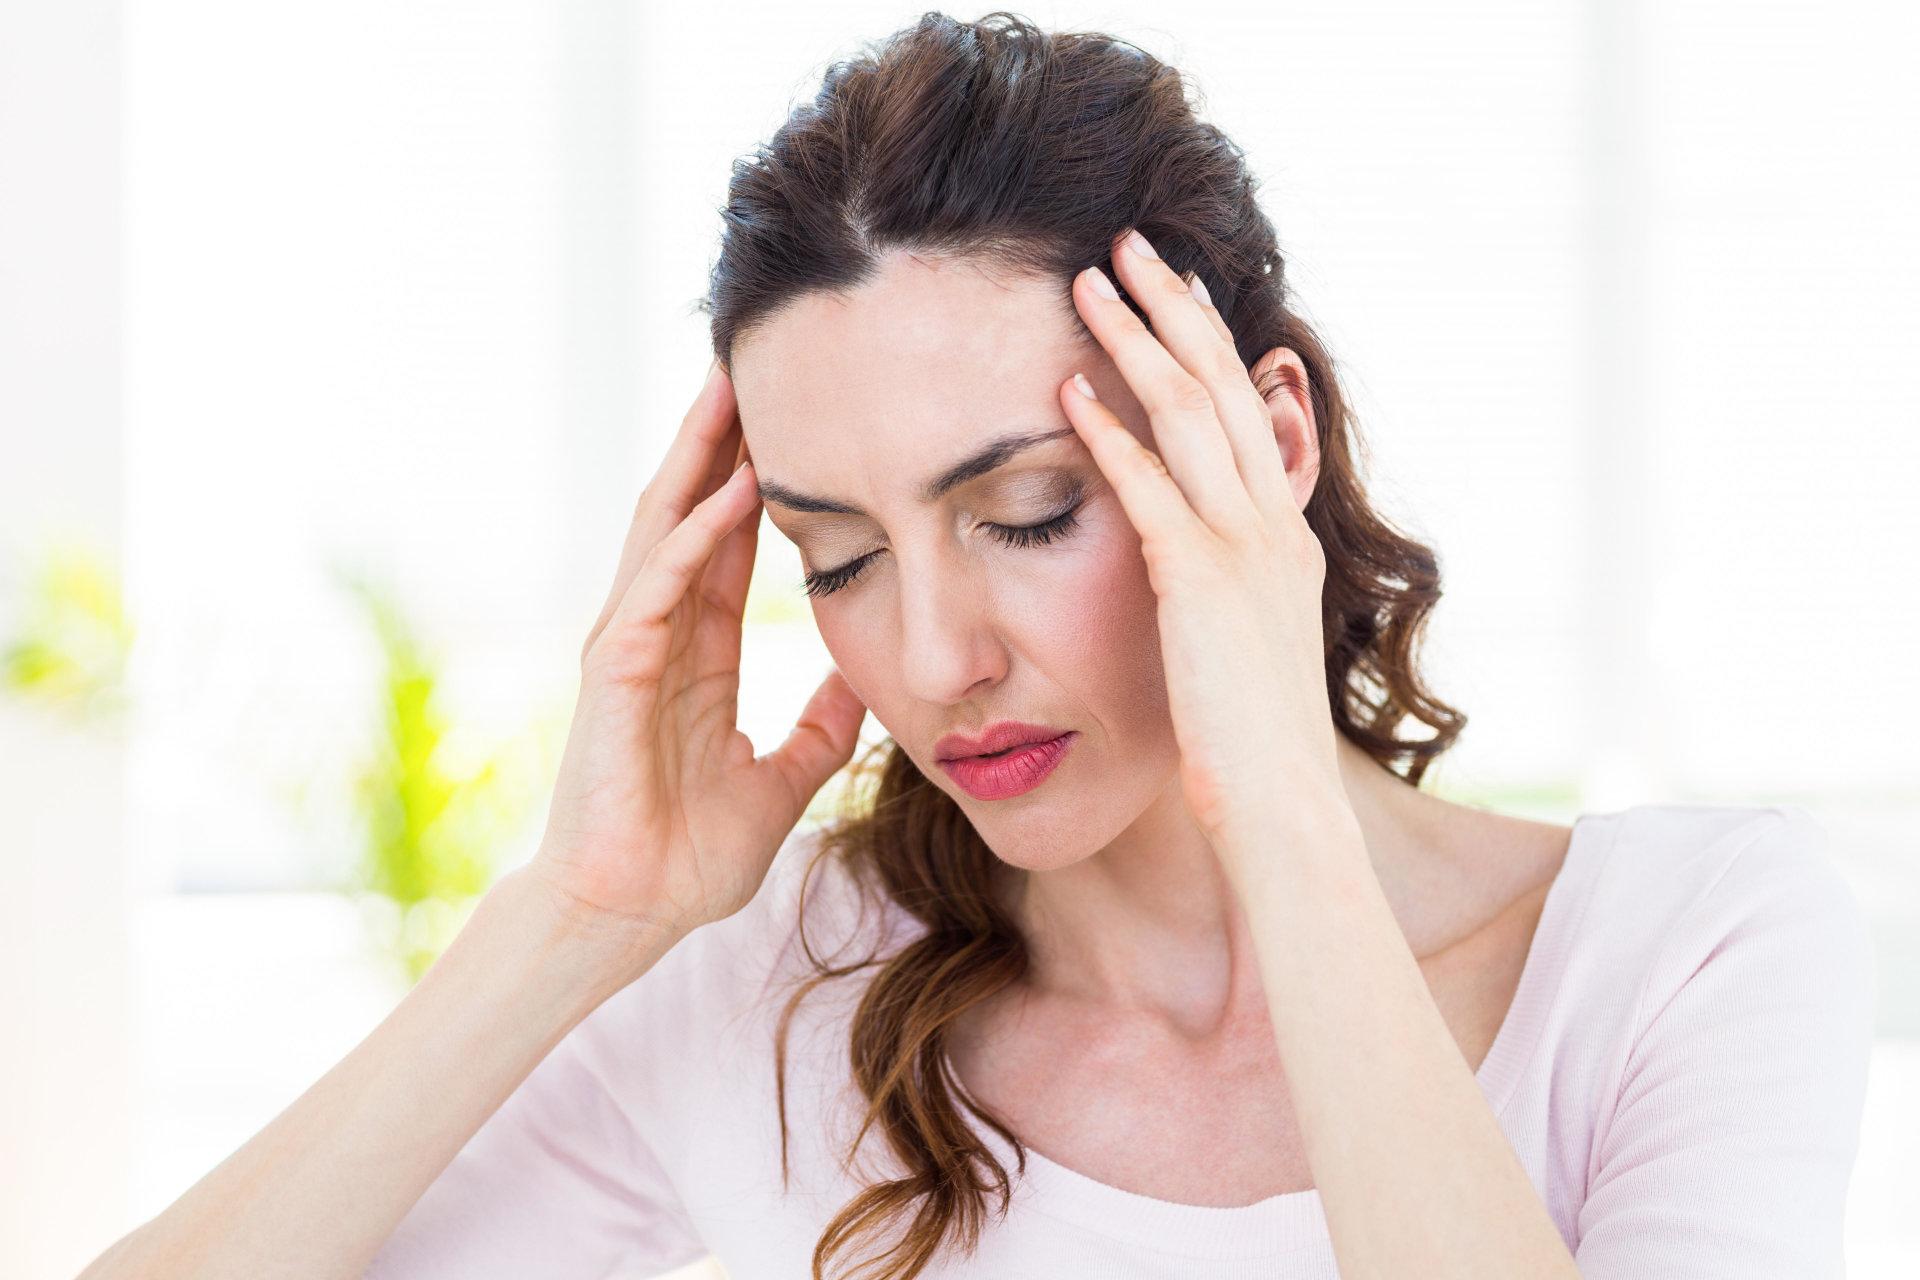 Keletas paprastų būdų, kaip nustatyti galvos skausmo priežastį - DELFI Sveikata